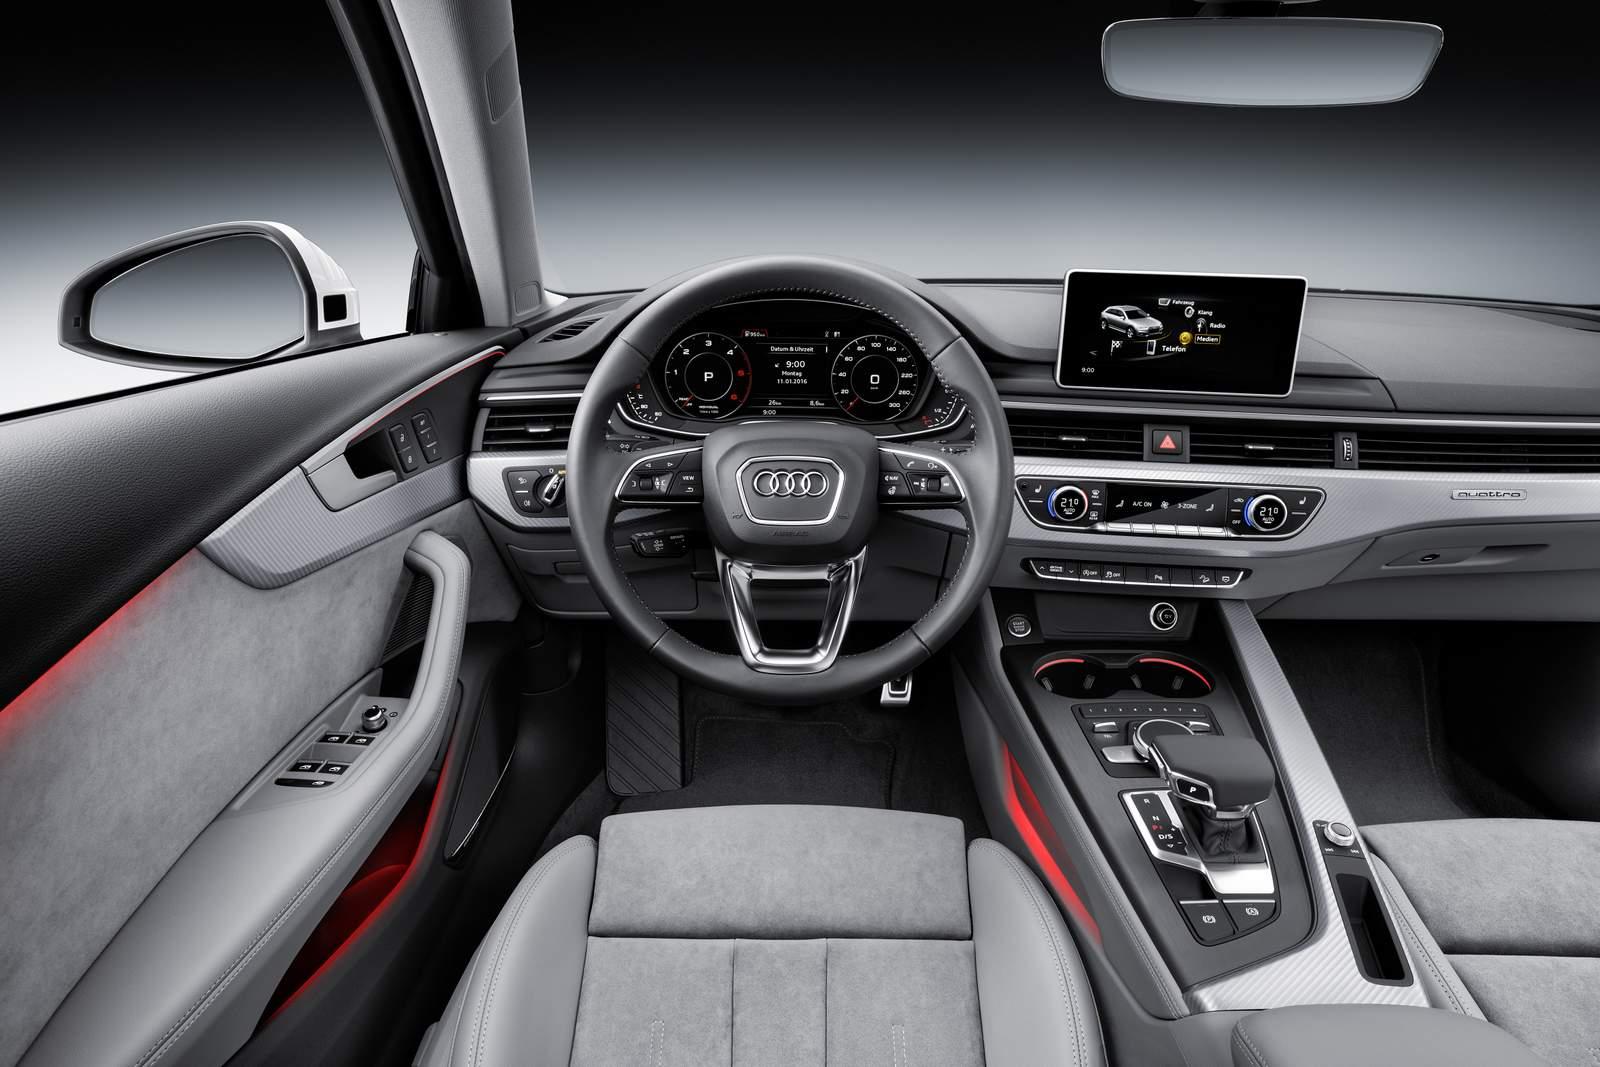 Novo Audi A4 Allroad 2016 - interior